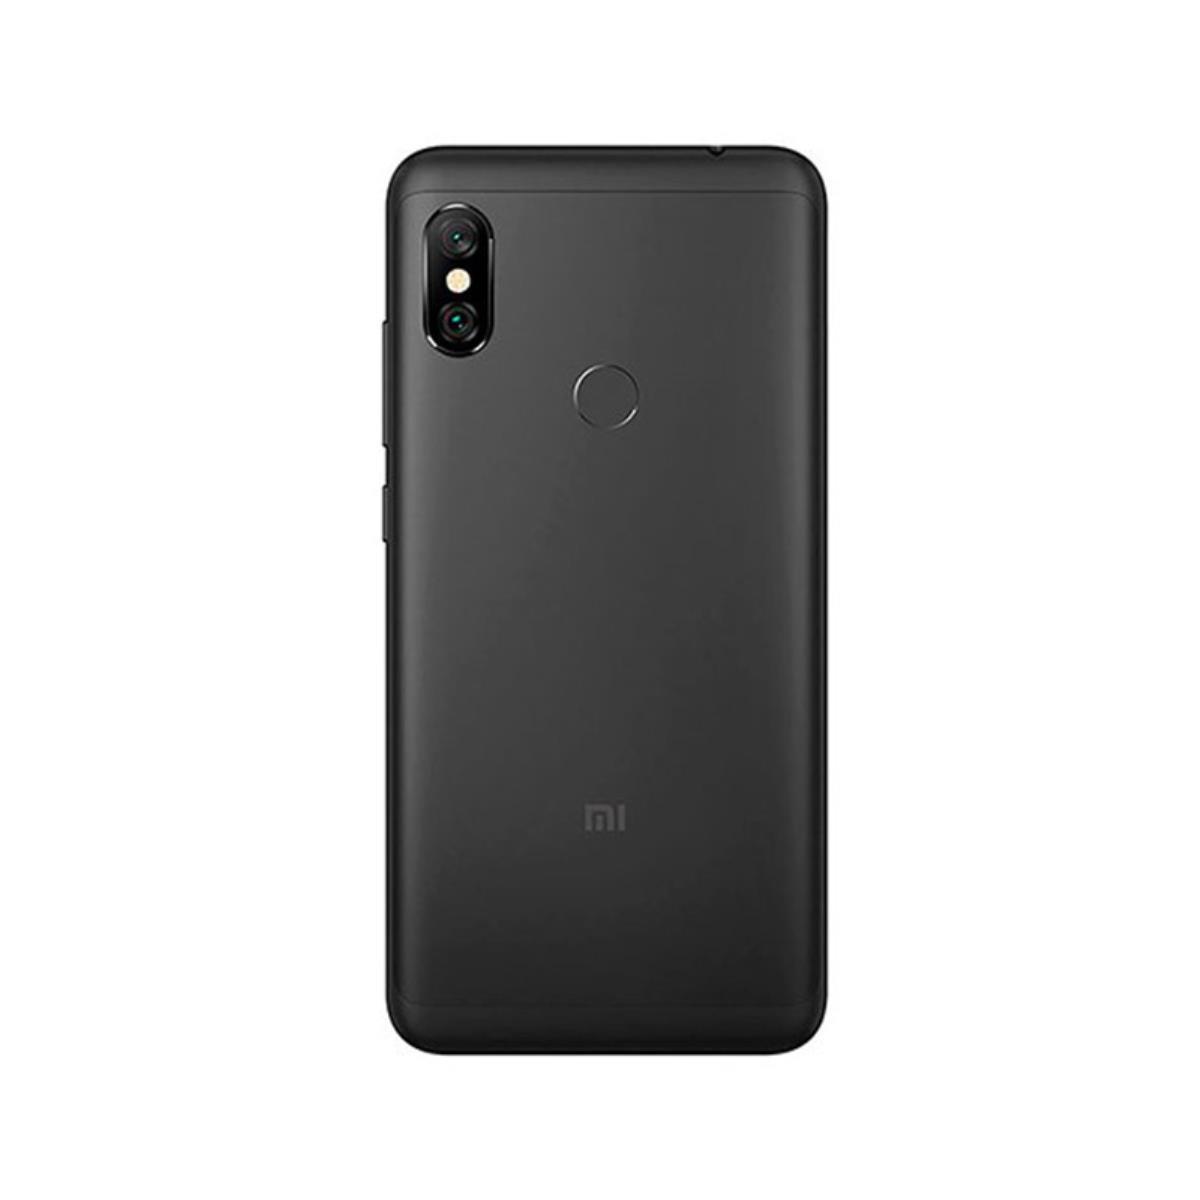 XIAOMI MI MIX 2S  64GB/6GB DUAL SIM BLACK